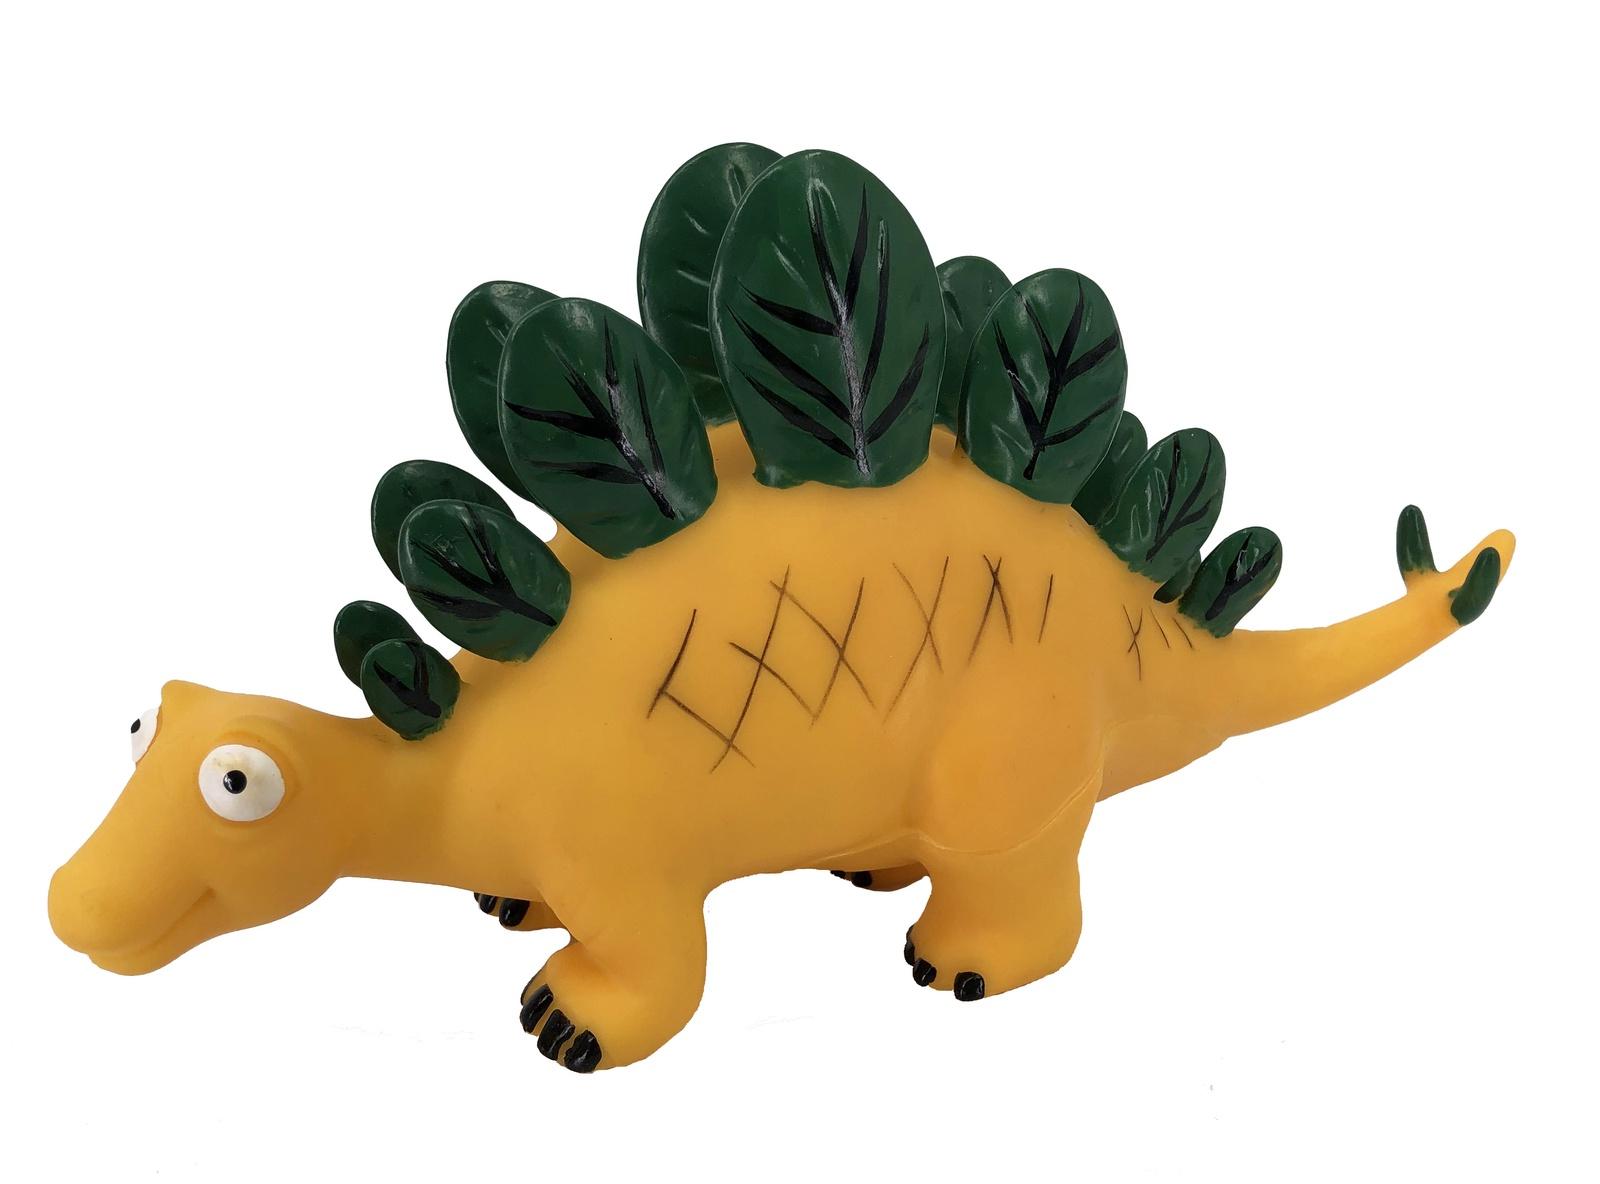 Фигурка АБВГДЕЙКА Динозавр Стегозавр Бэби, PE0025, 24 см желтый, зеленый